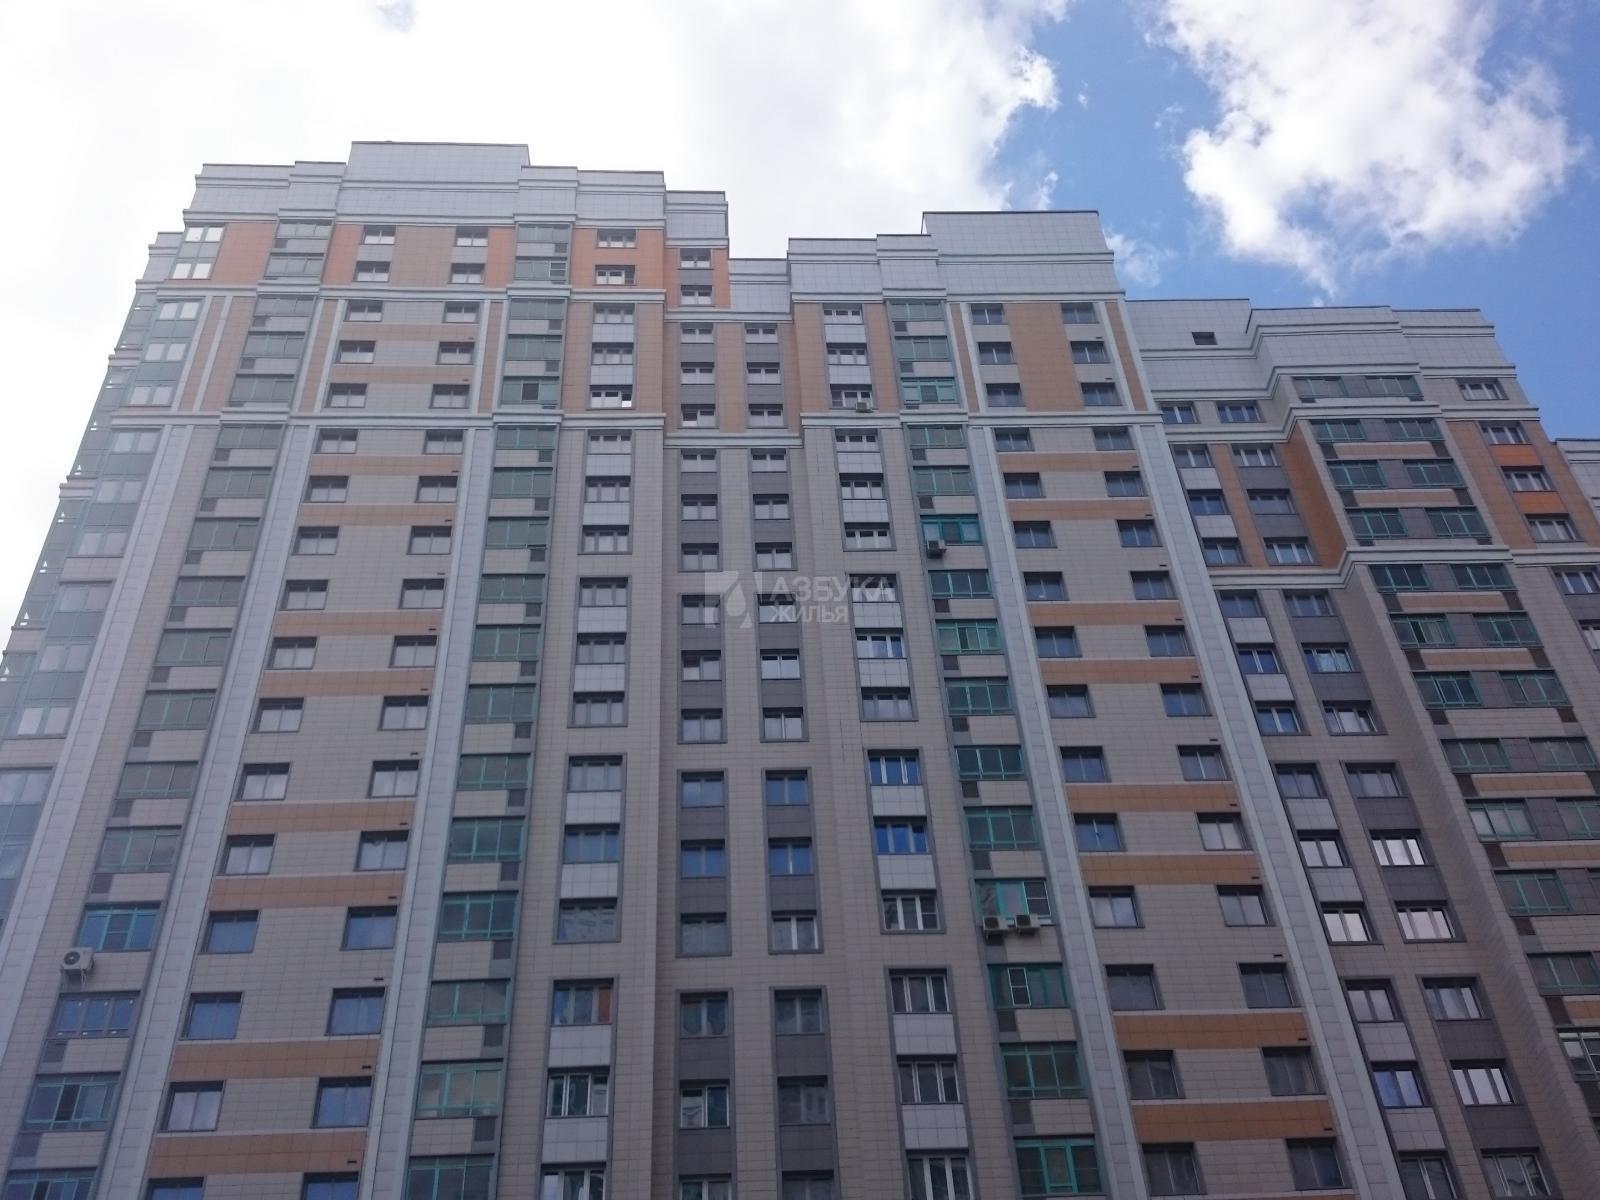 Фото №1 - 2-комнатная квартира, Москва, Михневская улица 8, метро Царицыно